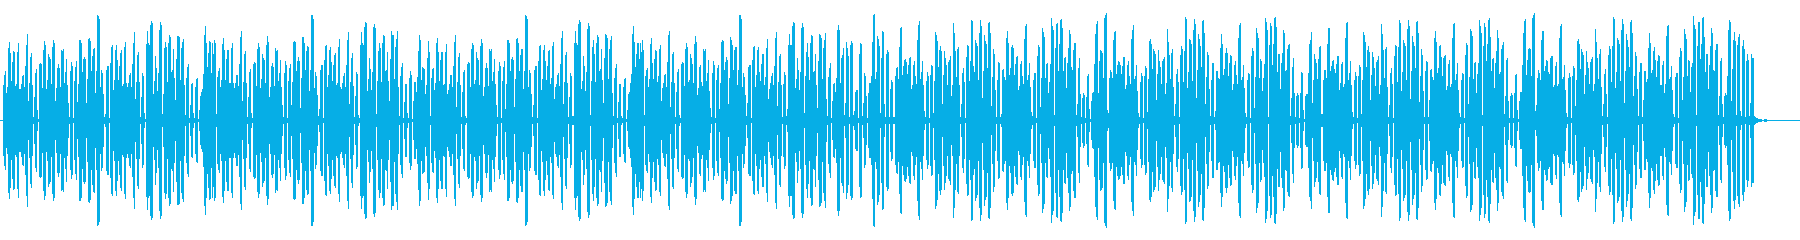 ほのぼの・のんきで穏やかなリコーダー曲の再生済みの波形